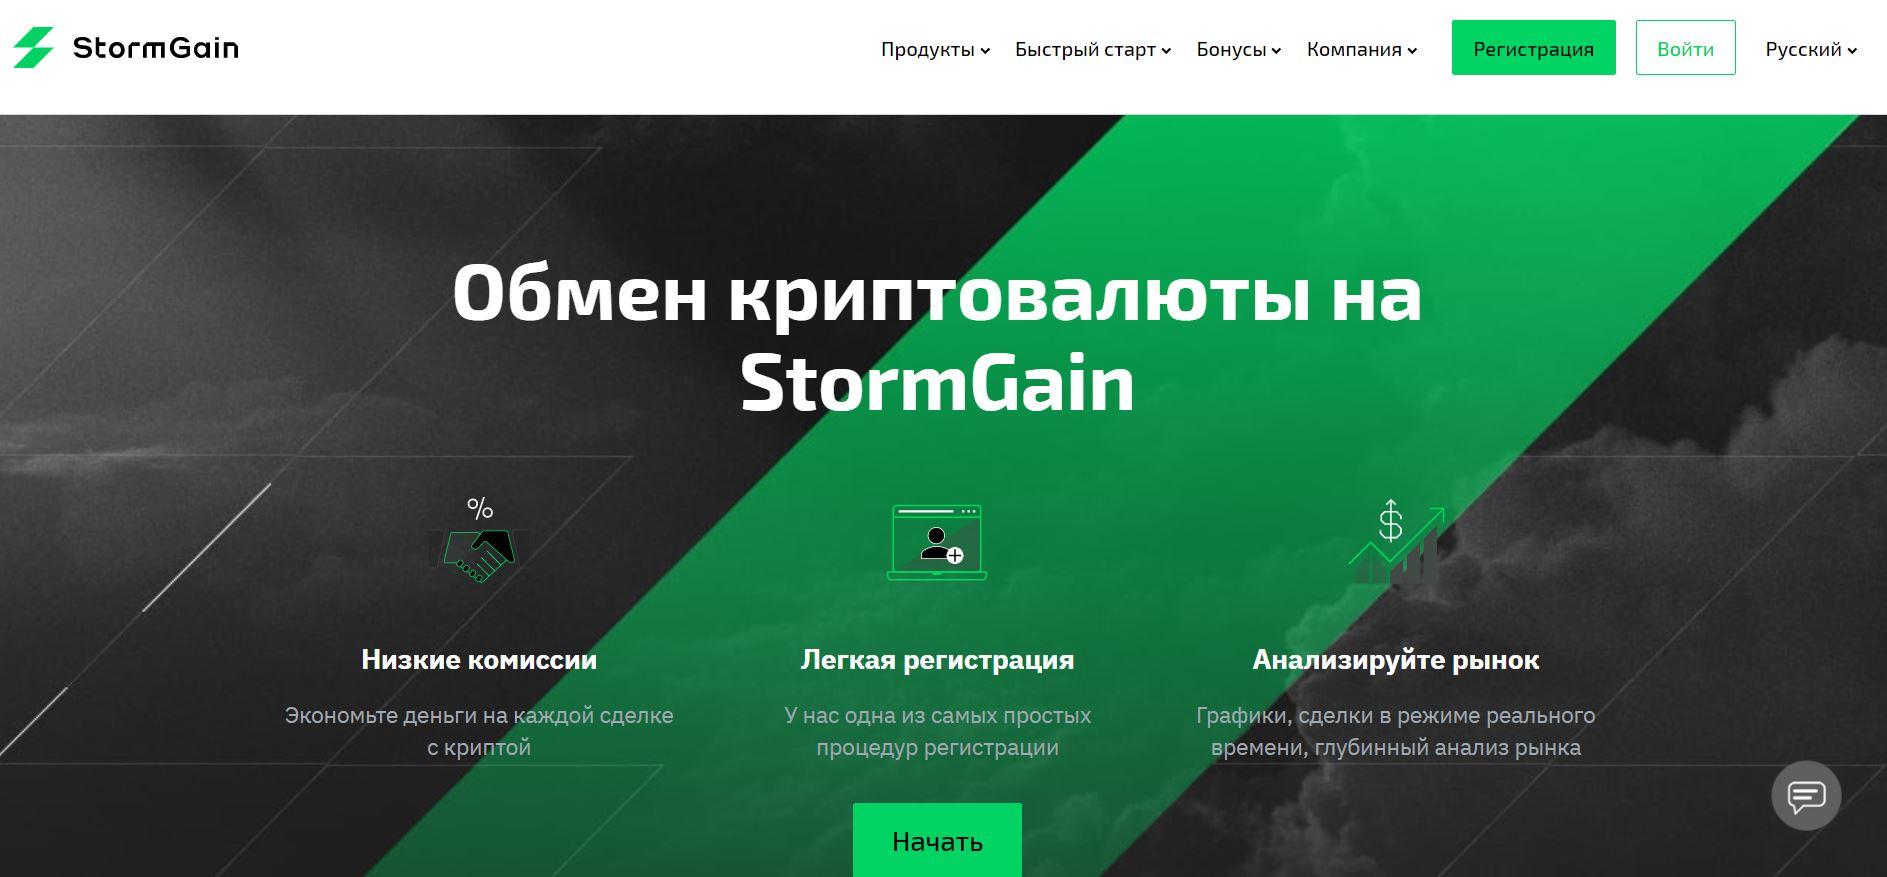 Скрин сайта StormGain